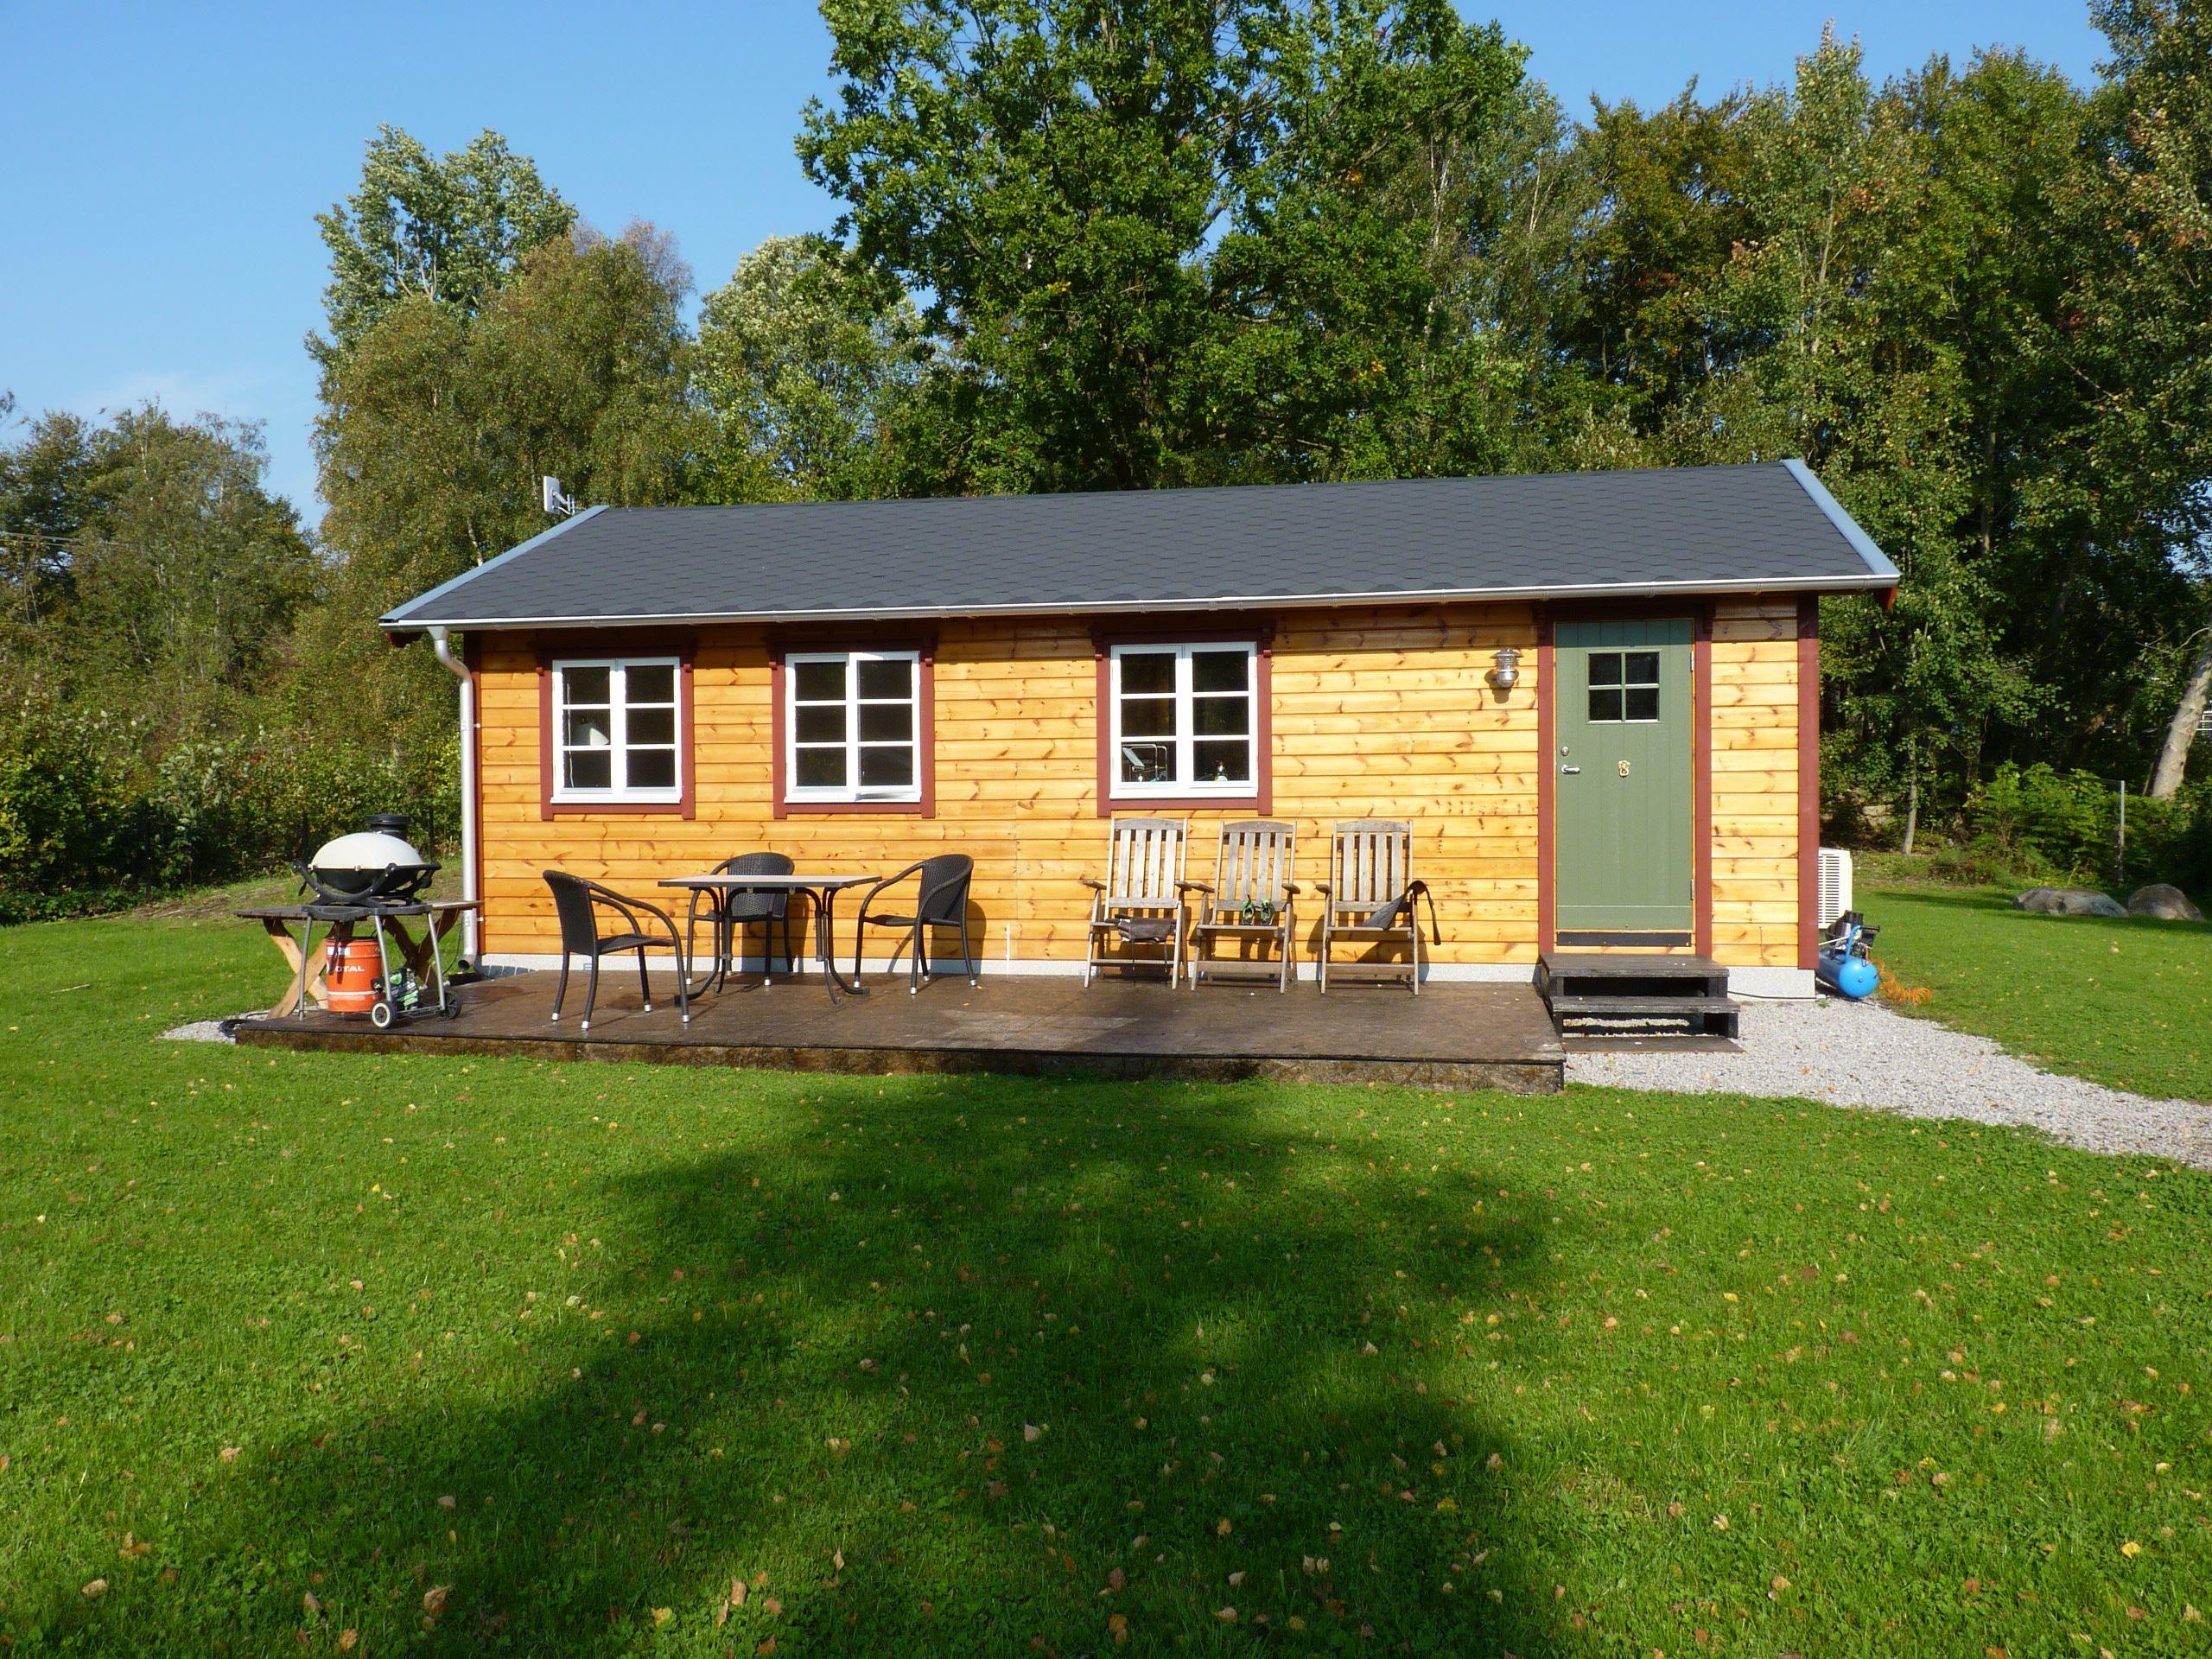 Cottage with 4 beds - Torsö